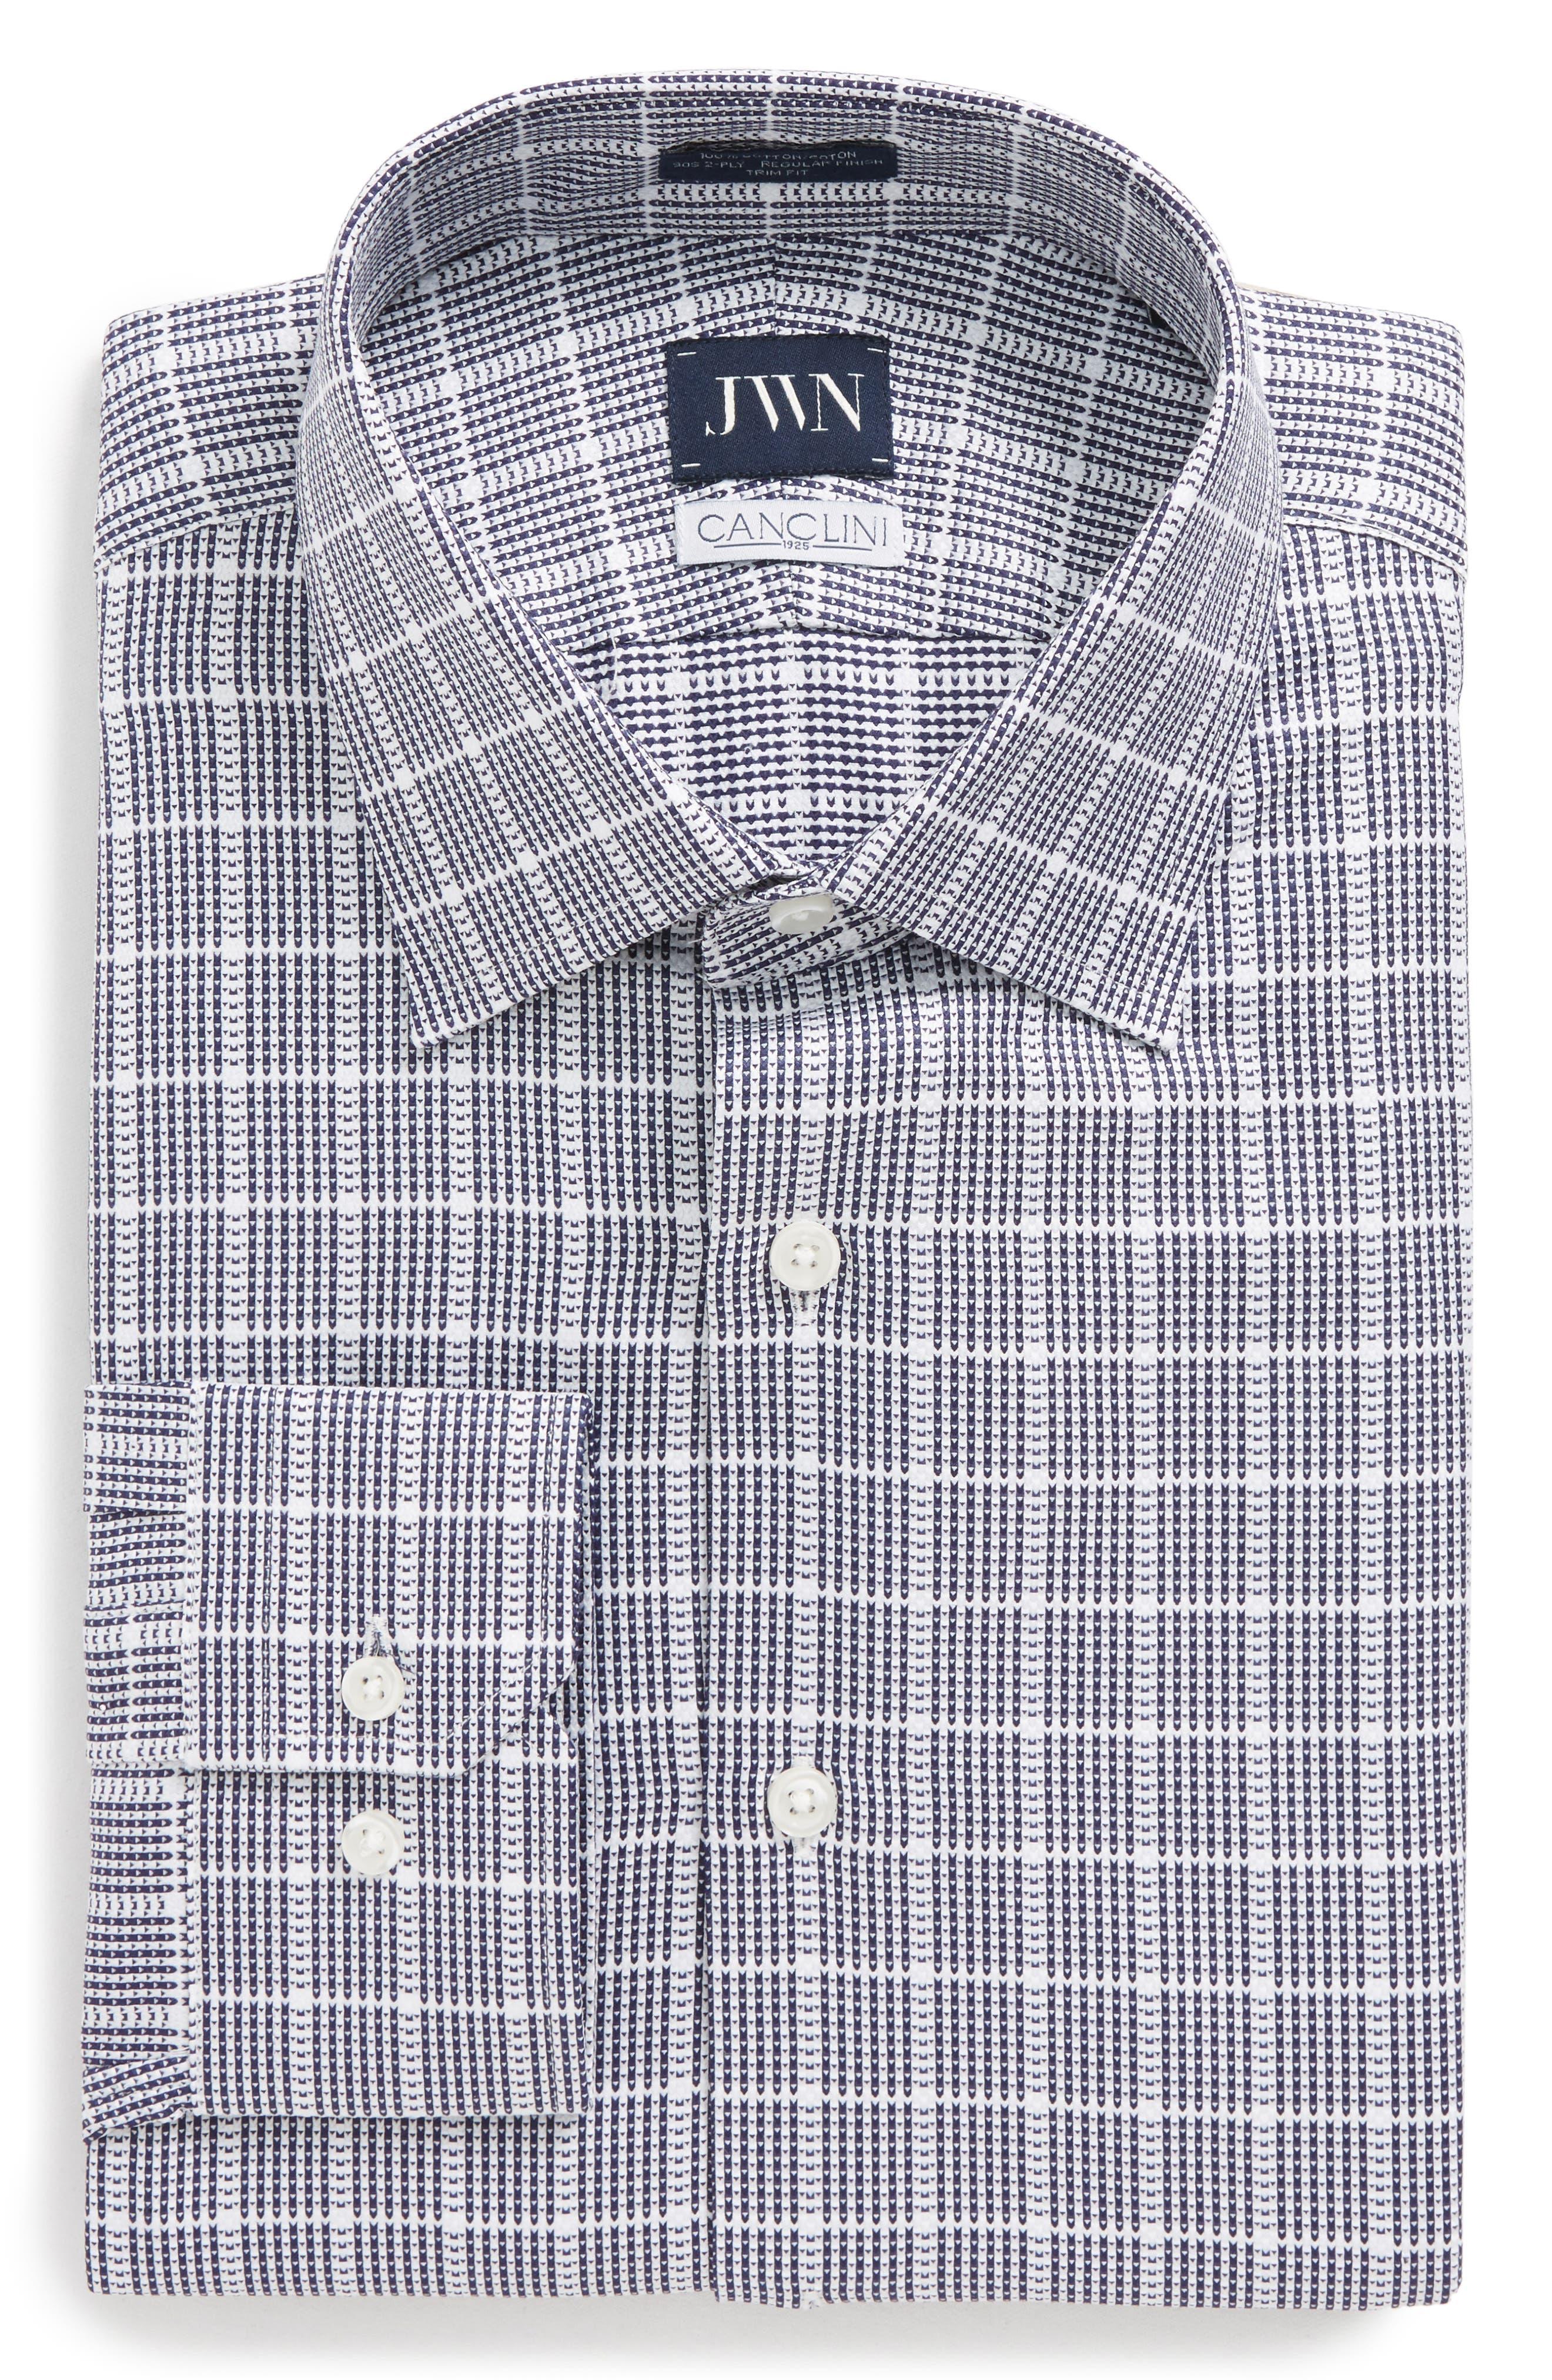 Trim Fit Check Dress Shirt,                         Main,                         color, Navy Dusk